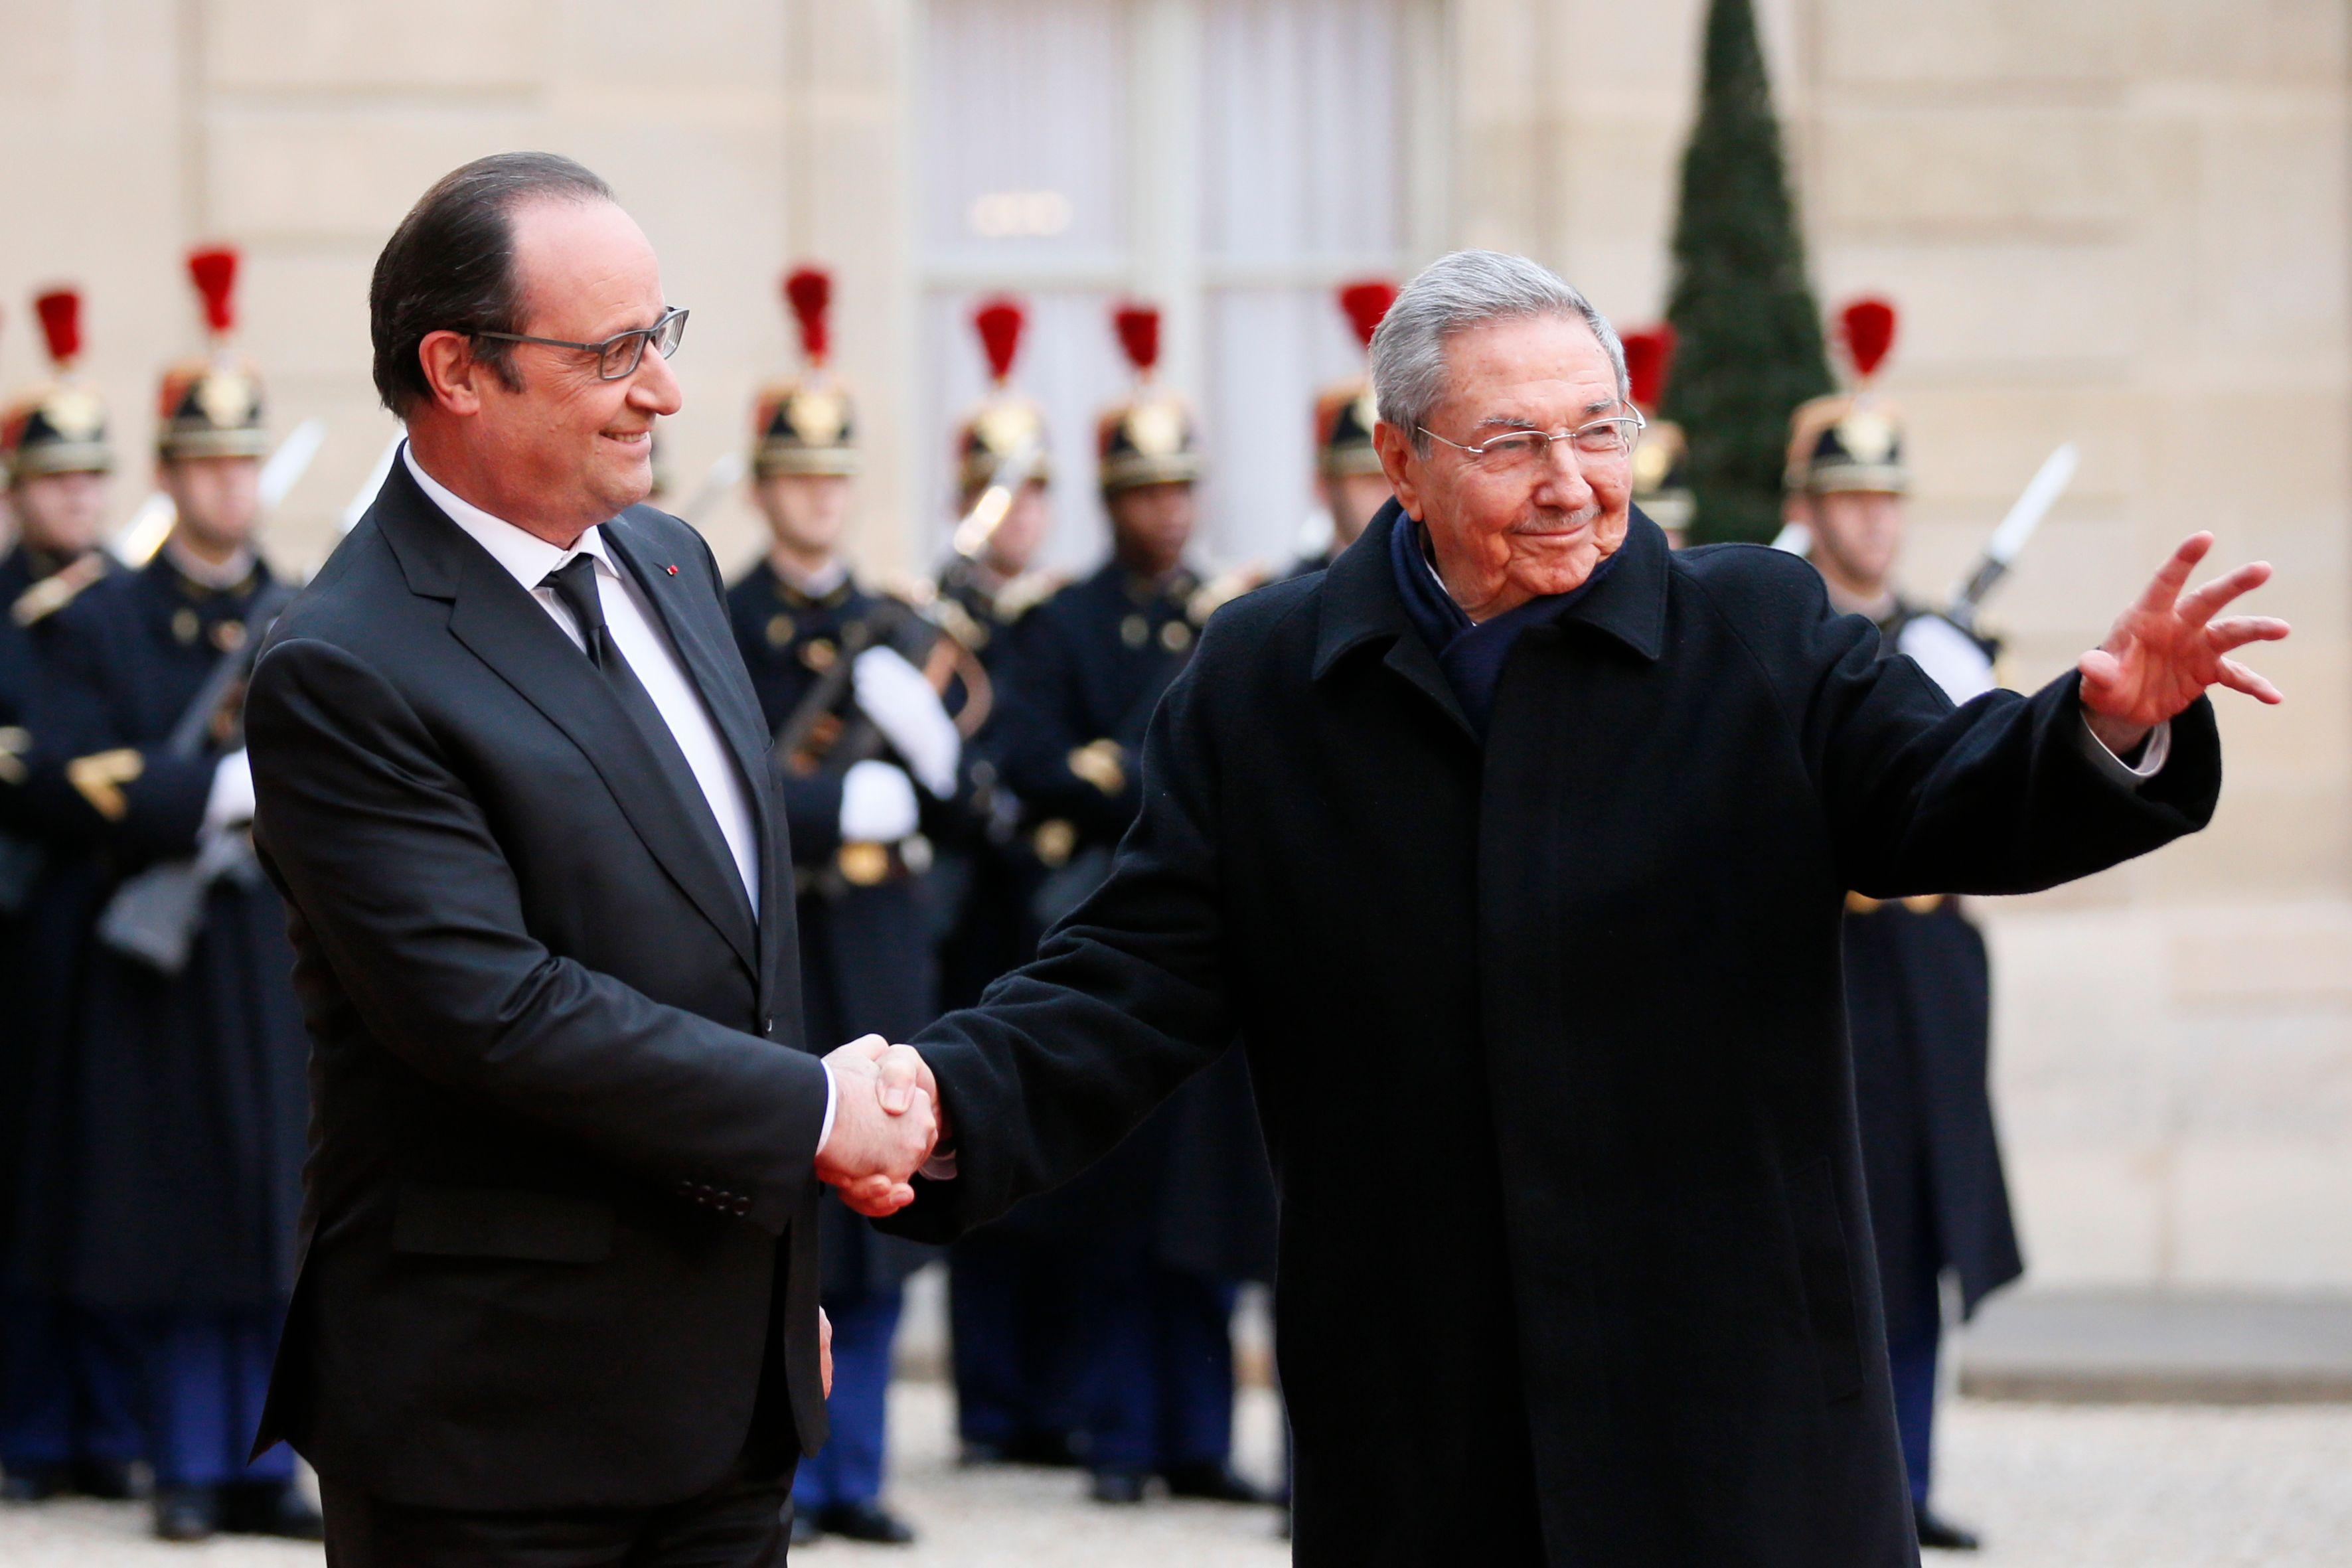 Perestroïka à Cuba : quel risque prenons-nous à miser sur Raul Castro ?